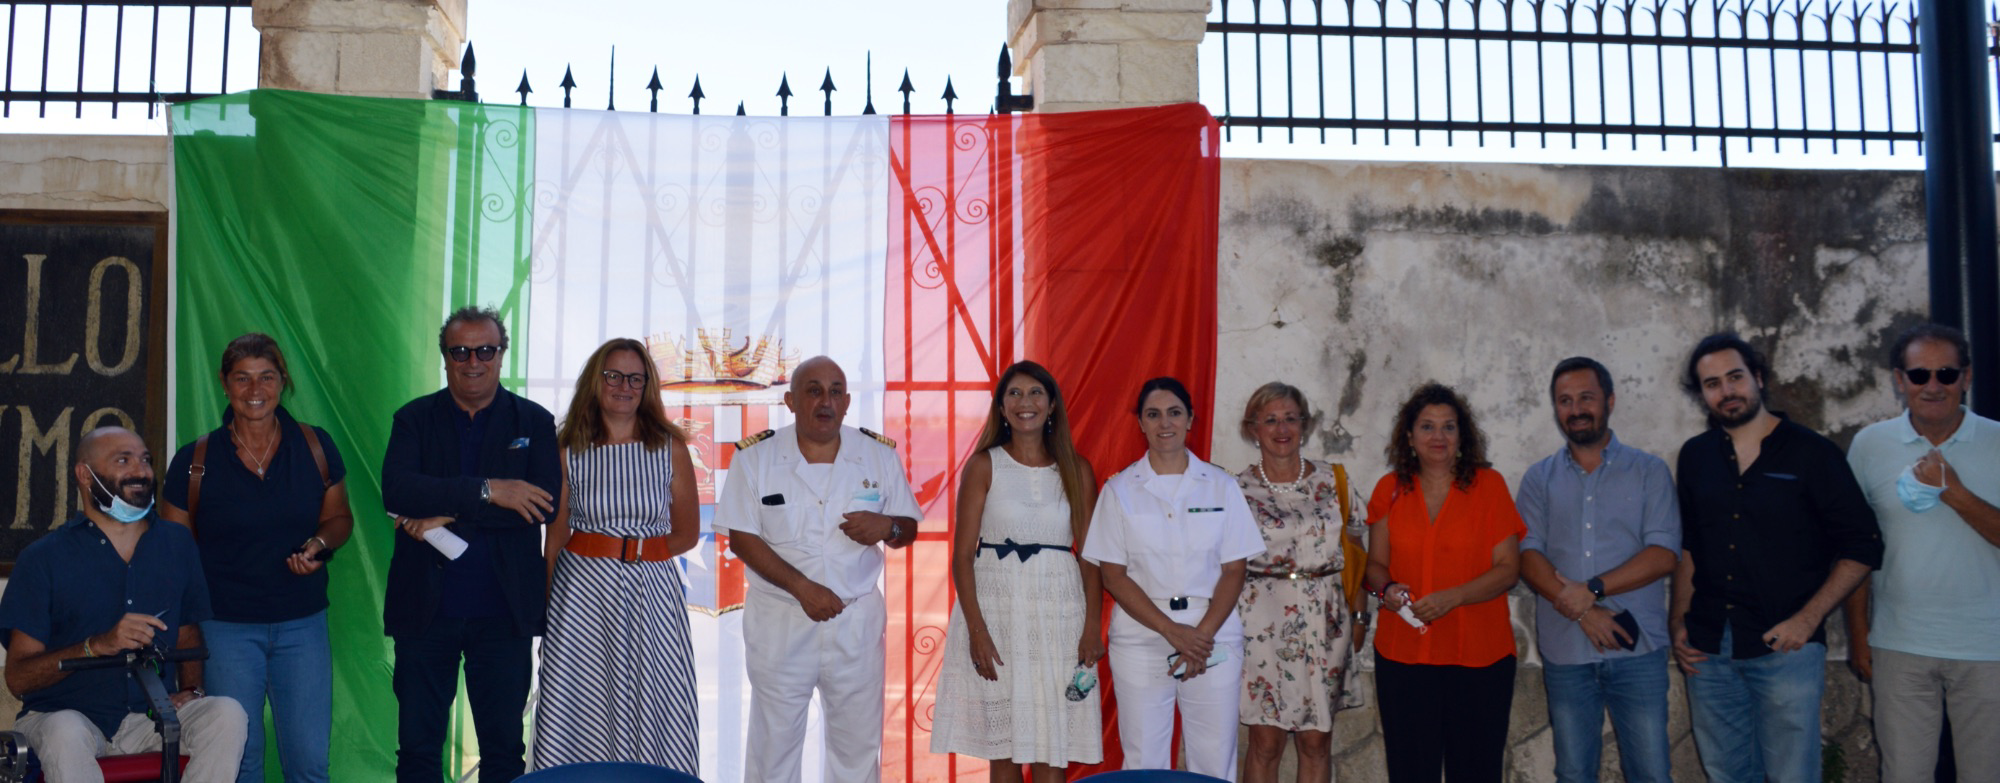 L' OFFICINA DELL' ORCA ad Alì Terme a 100 anni dalla nascita di Stefano D' Arrigo